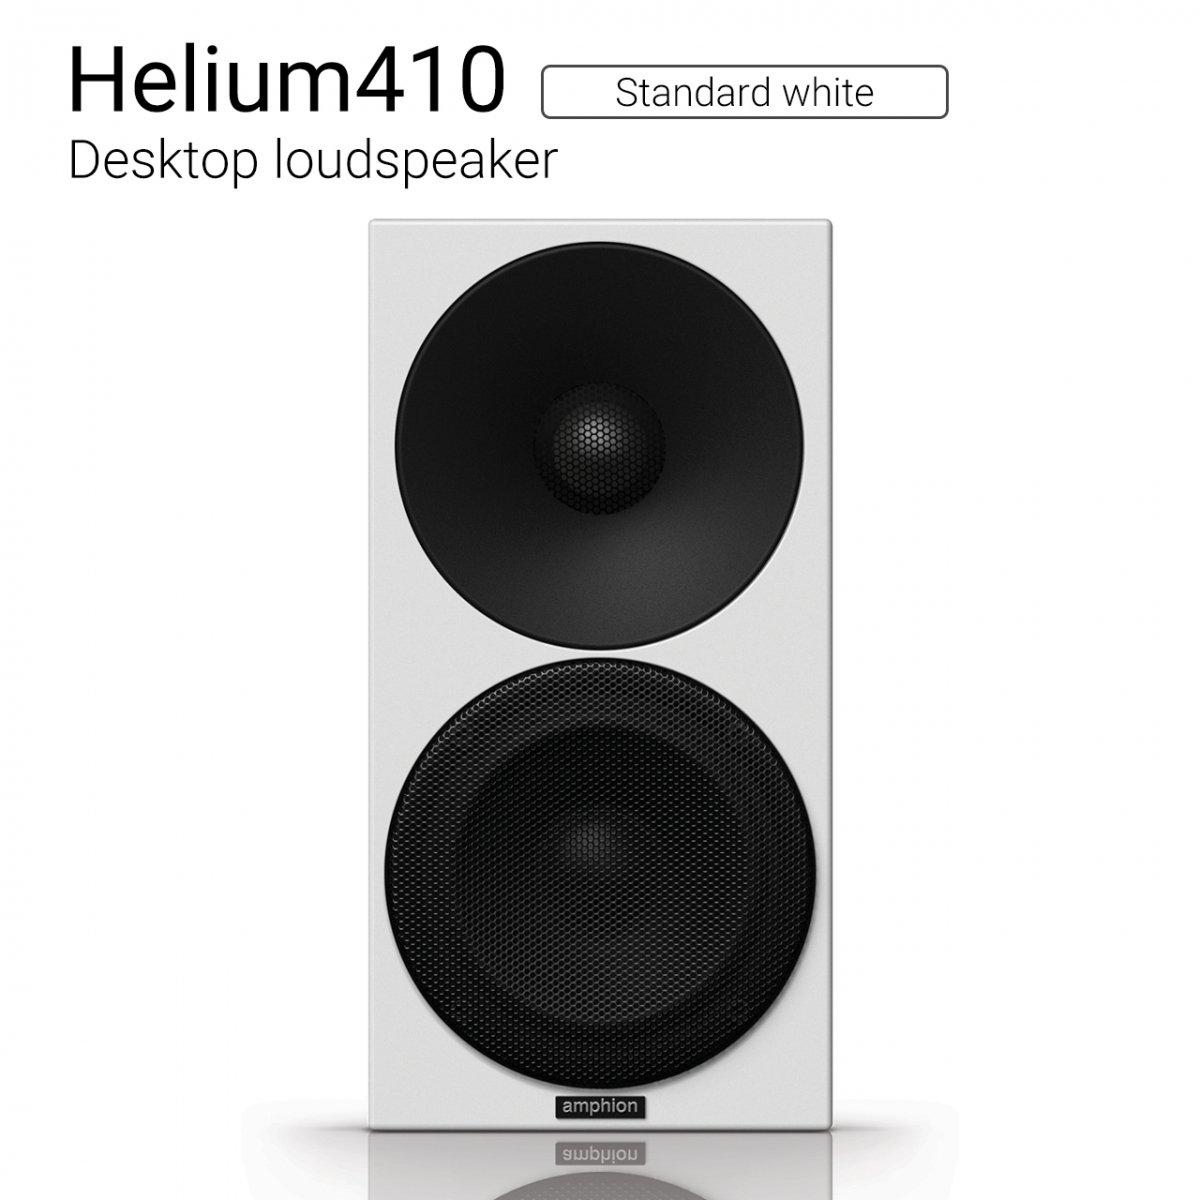 【優れた北欧センス】Helium410 (Standard white) Desktop loudspeaker【ペア】